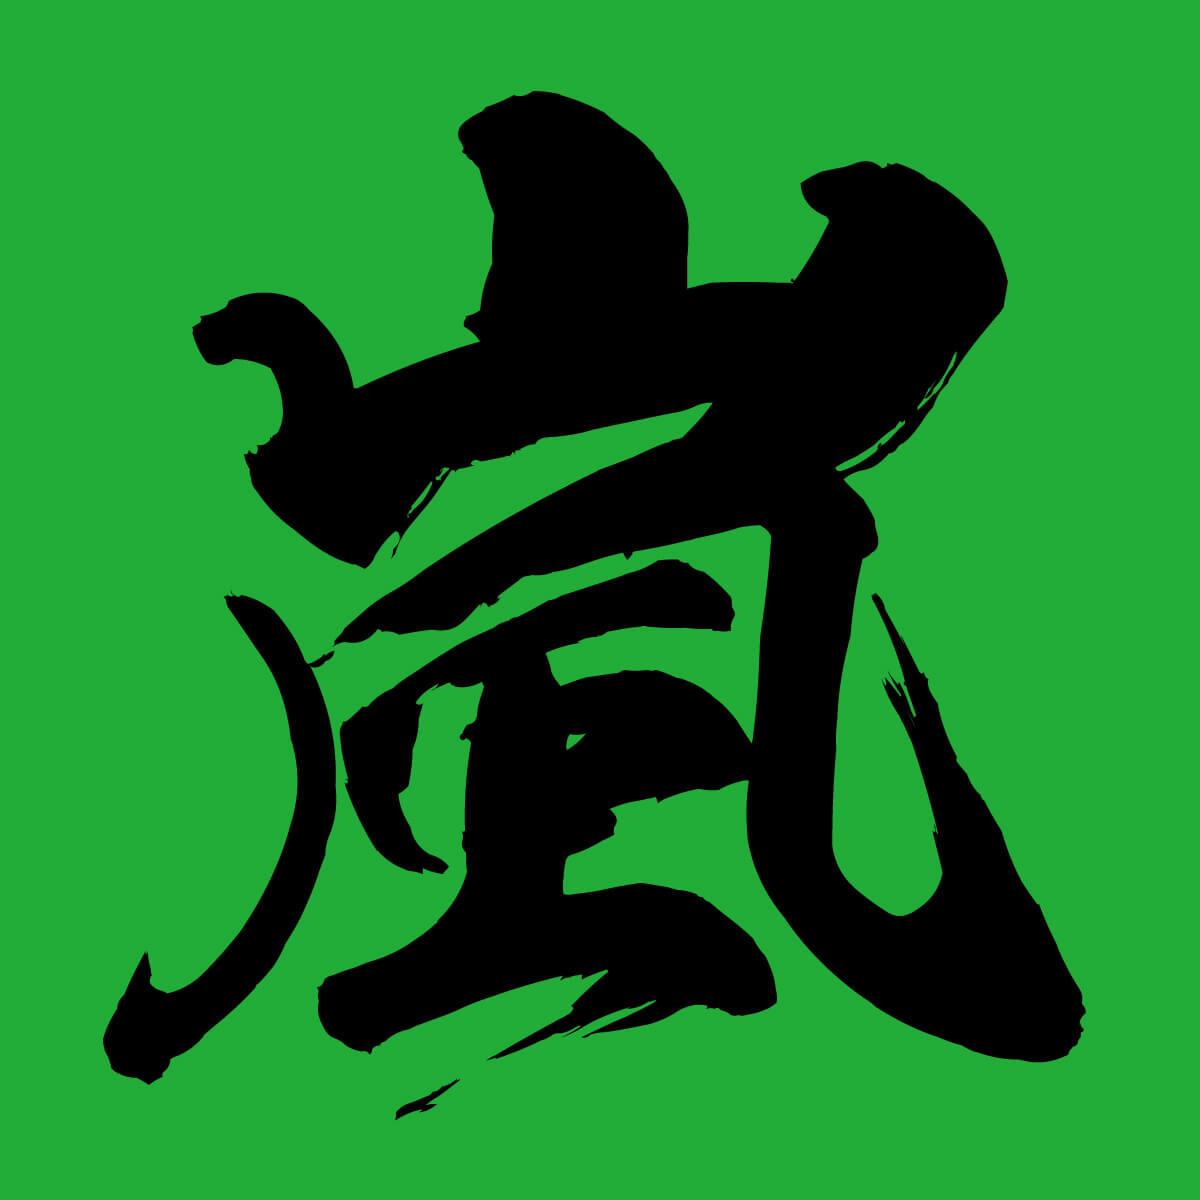 嵐活動休止!!アラシック&日本中が注目の記者会見の視聴率は!?のアイキャッチ